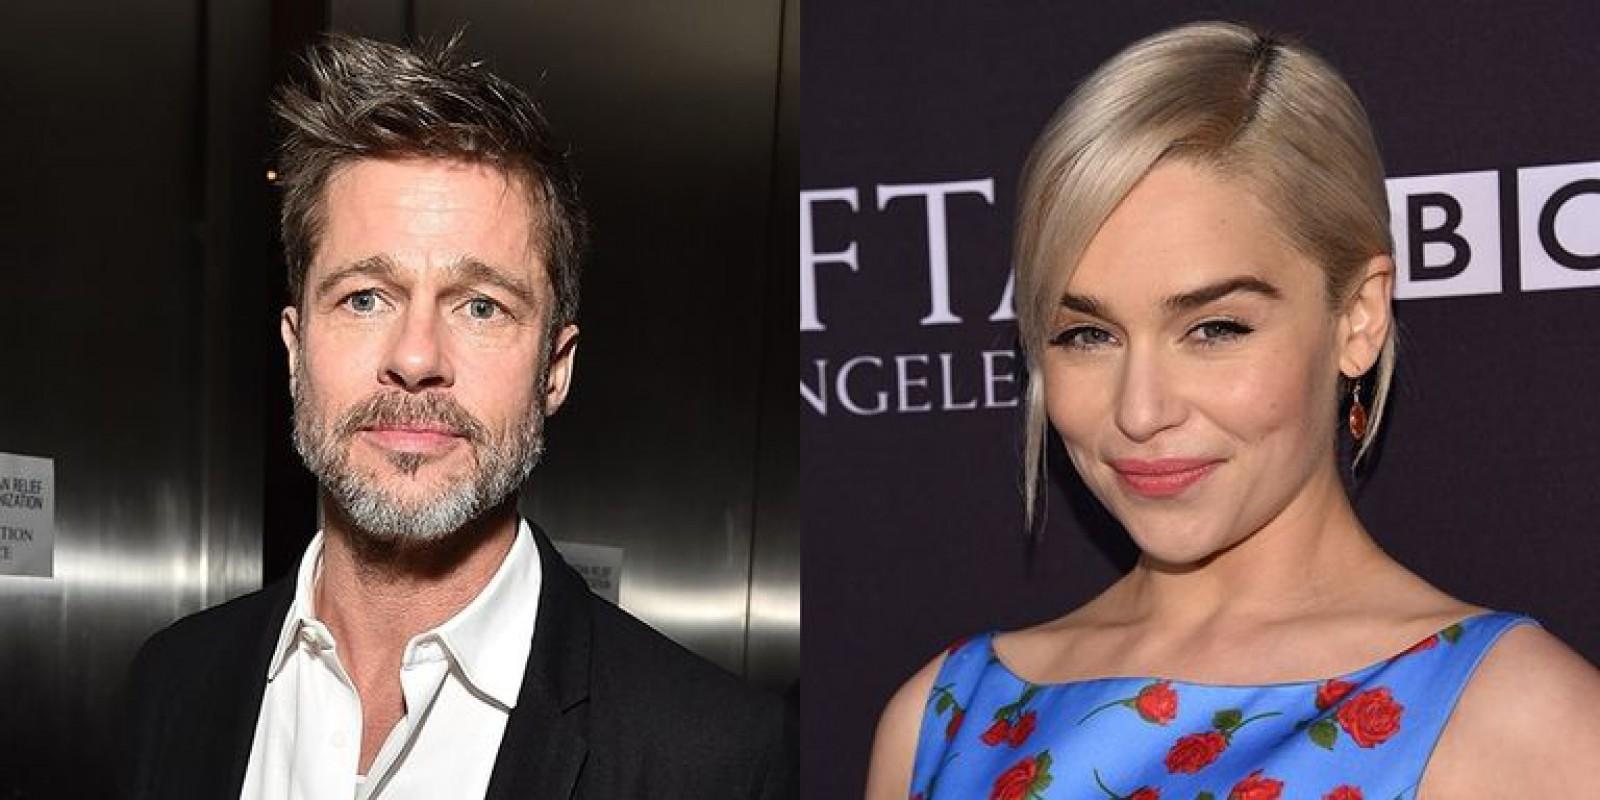 Suma fabuloasă oferită de Brad Pitt pentru a urmări un episod din Game of Thrones alături de protagonista serialului, Emilia Clarke